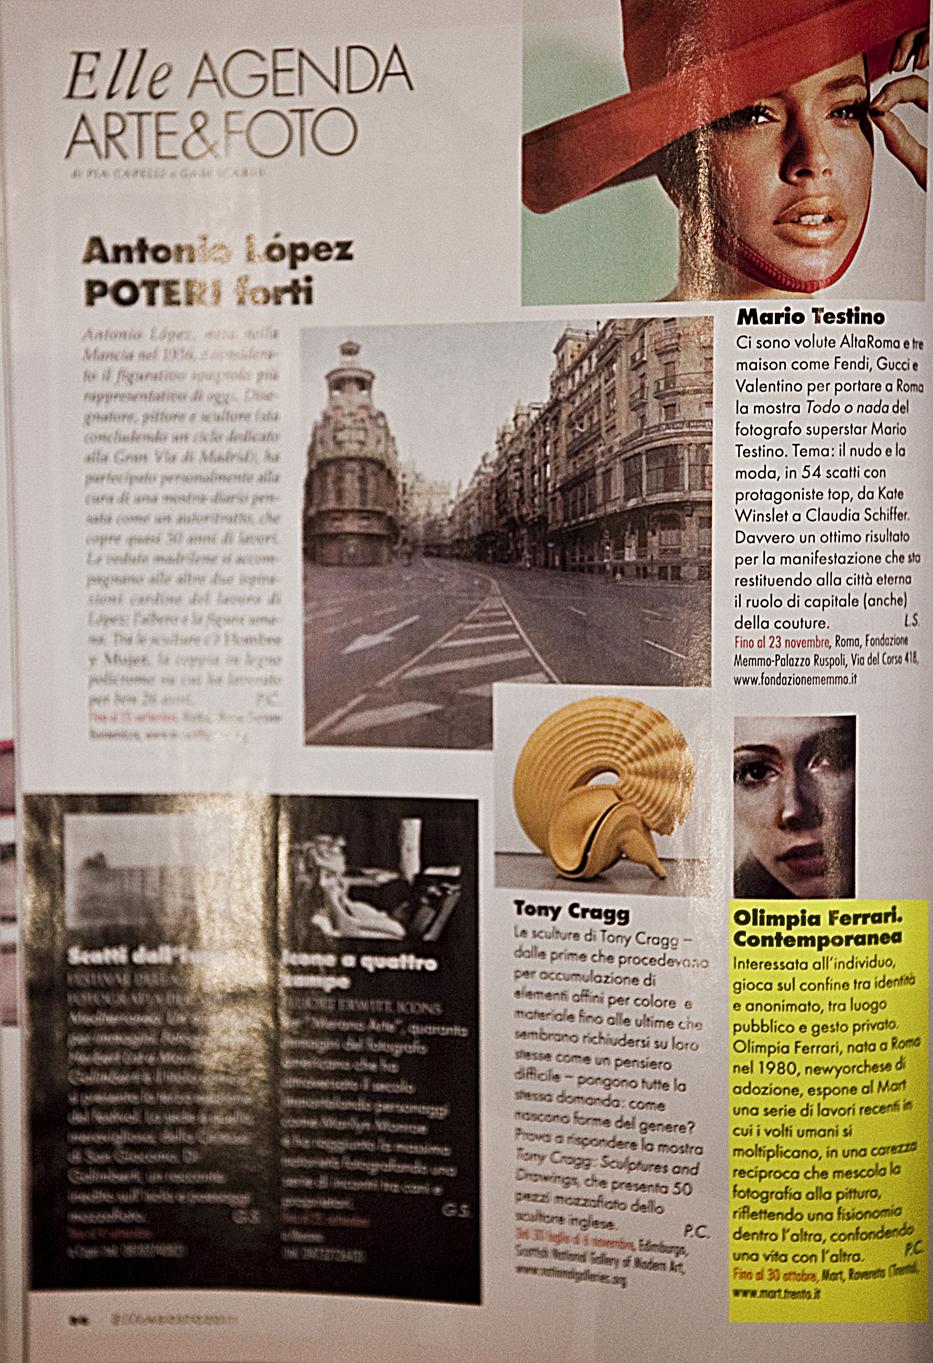 002-Olimpia Ferrari-Elle-August-2011-2.jpg